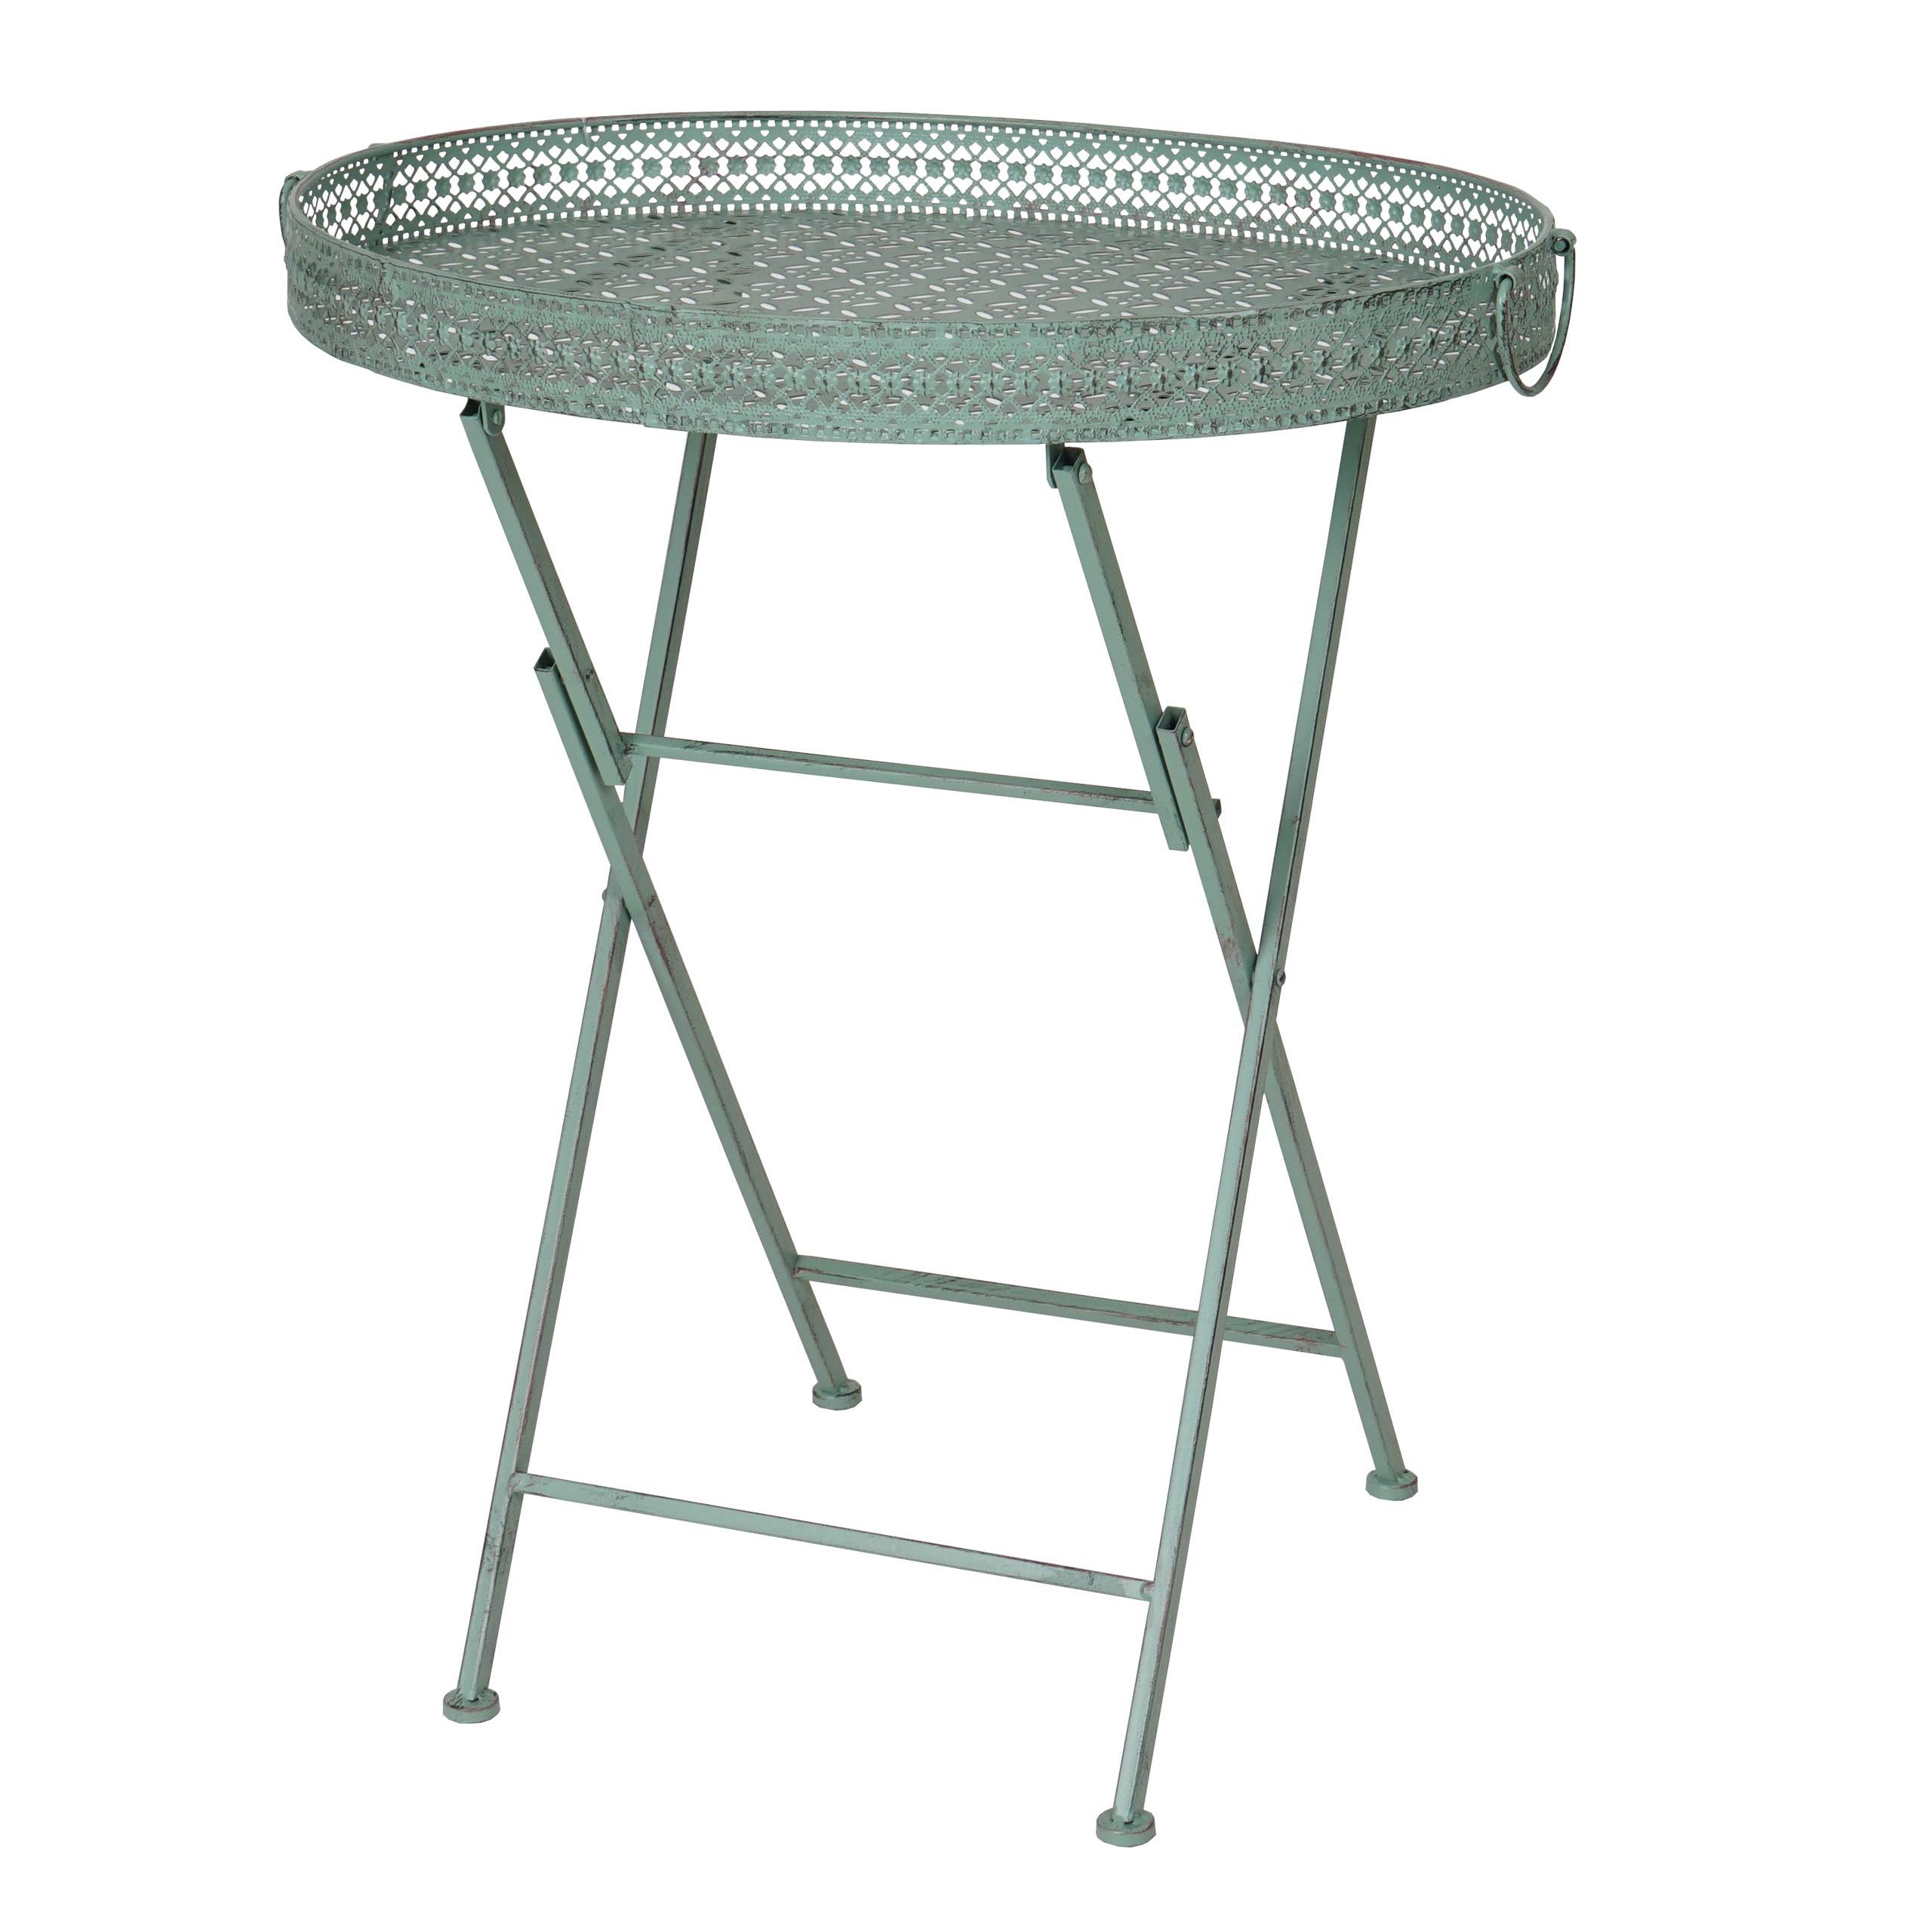 Klapptisch Hwc C39 Gartentisch Klappbar Metall Antik Grun Kaufen